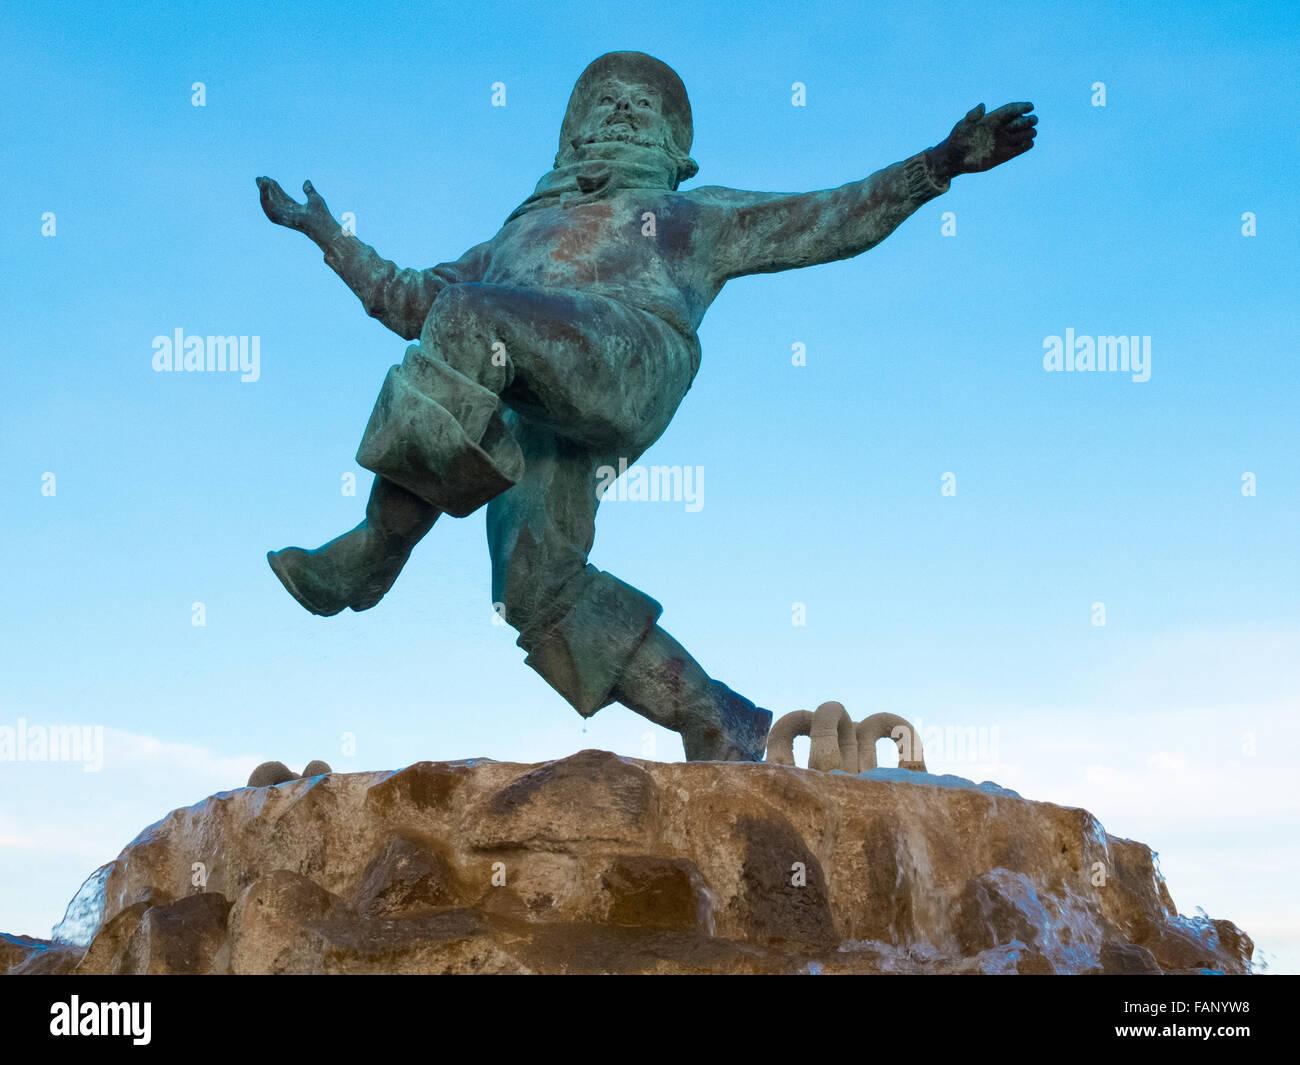 El Jolly pescador estatua en brújula jardines,jardines cerca de Torre del Mar en Skegness. Imagen De Stock